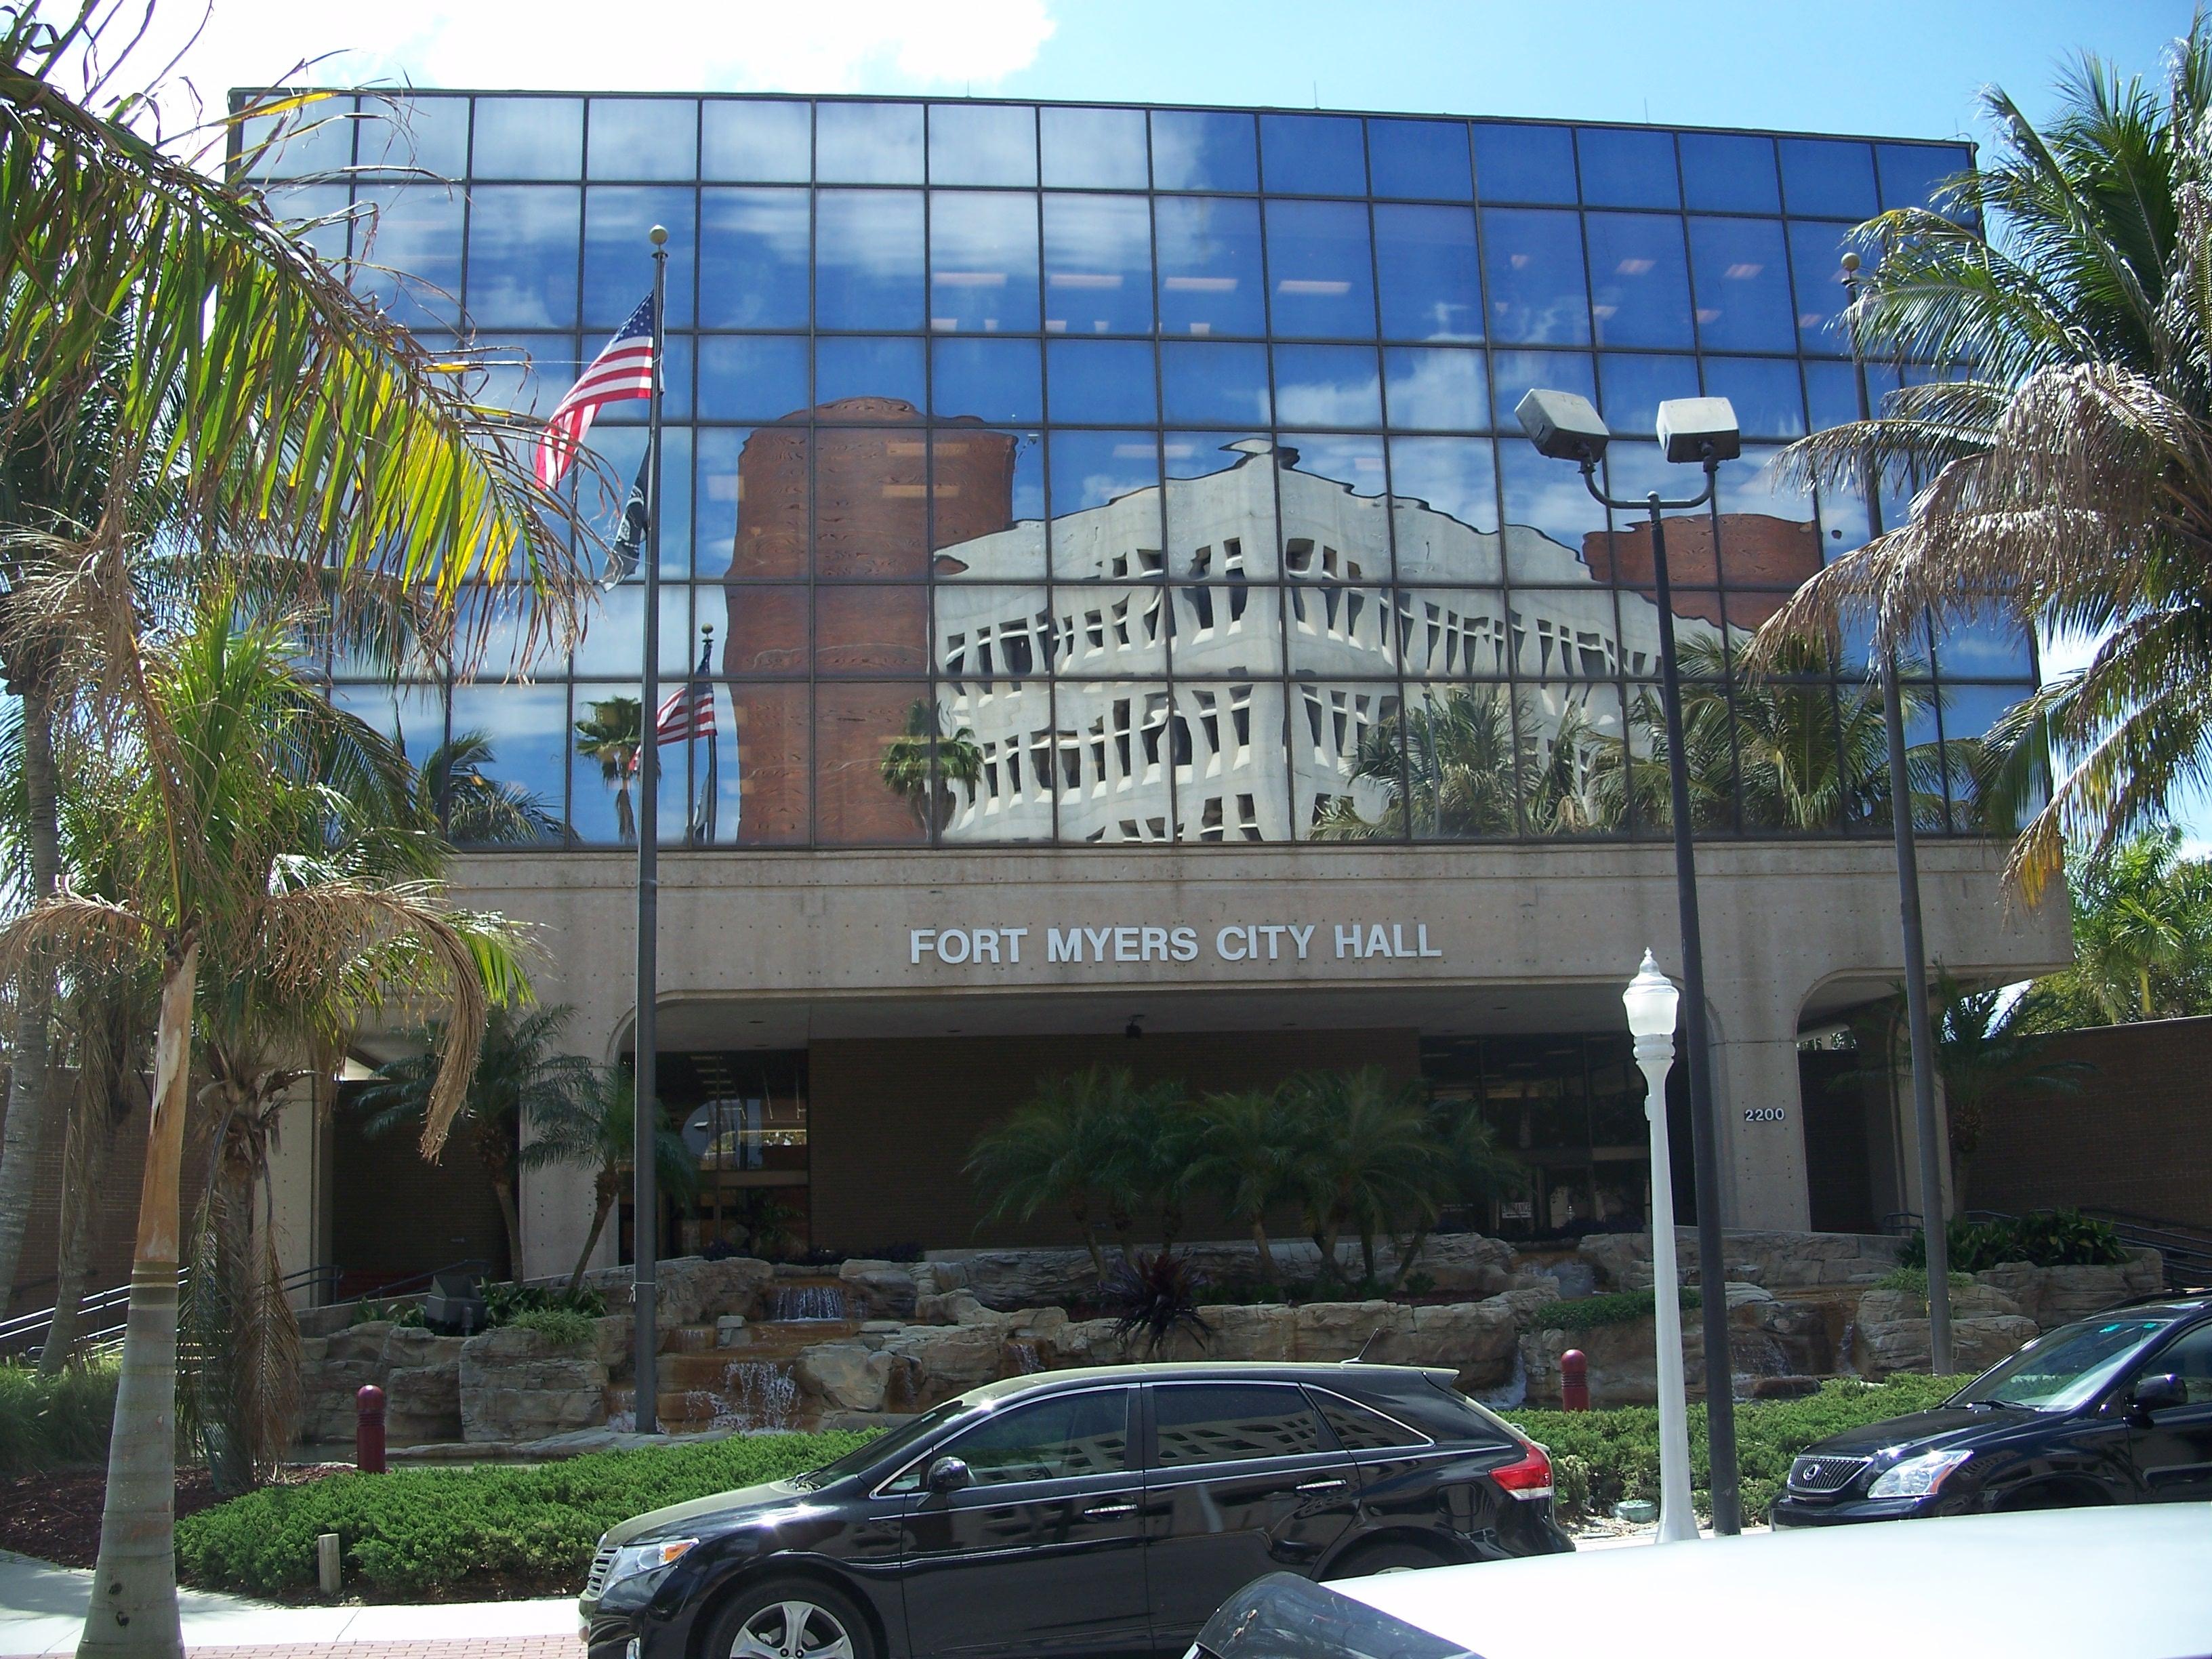 City Hall Fort Myers Beach